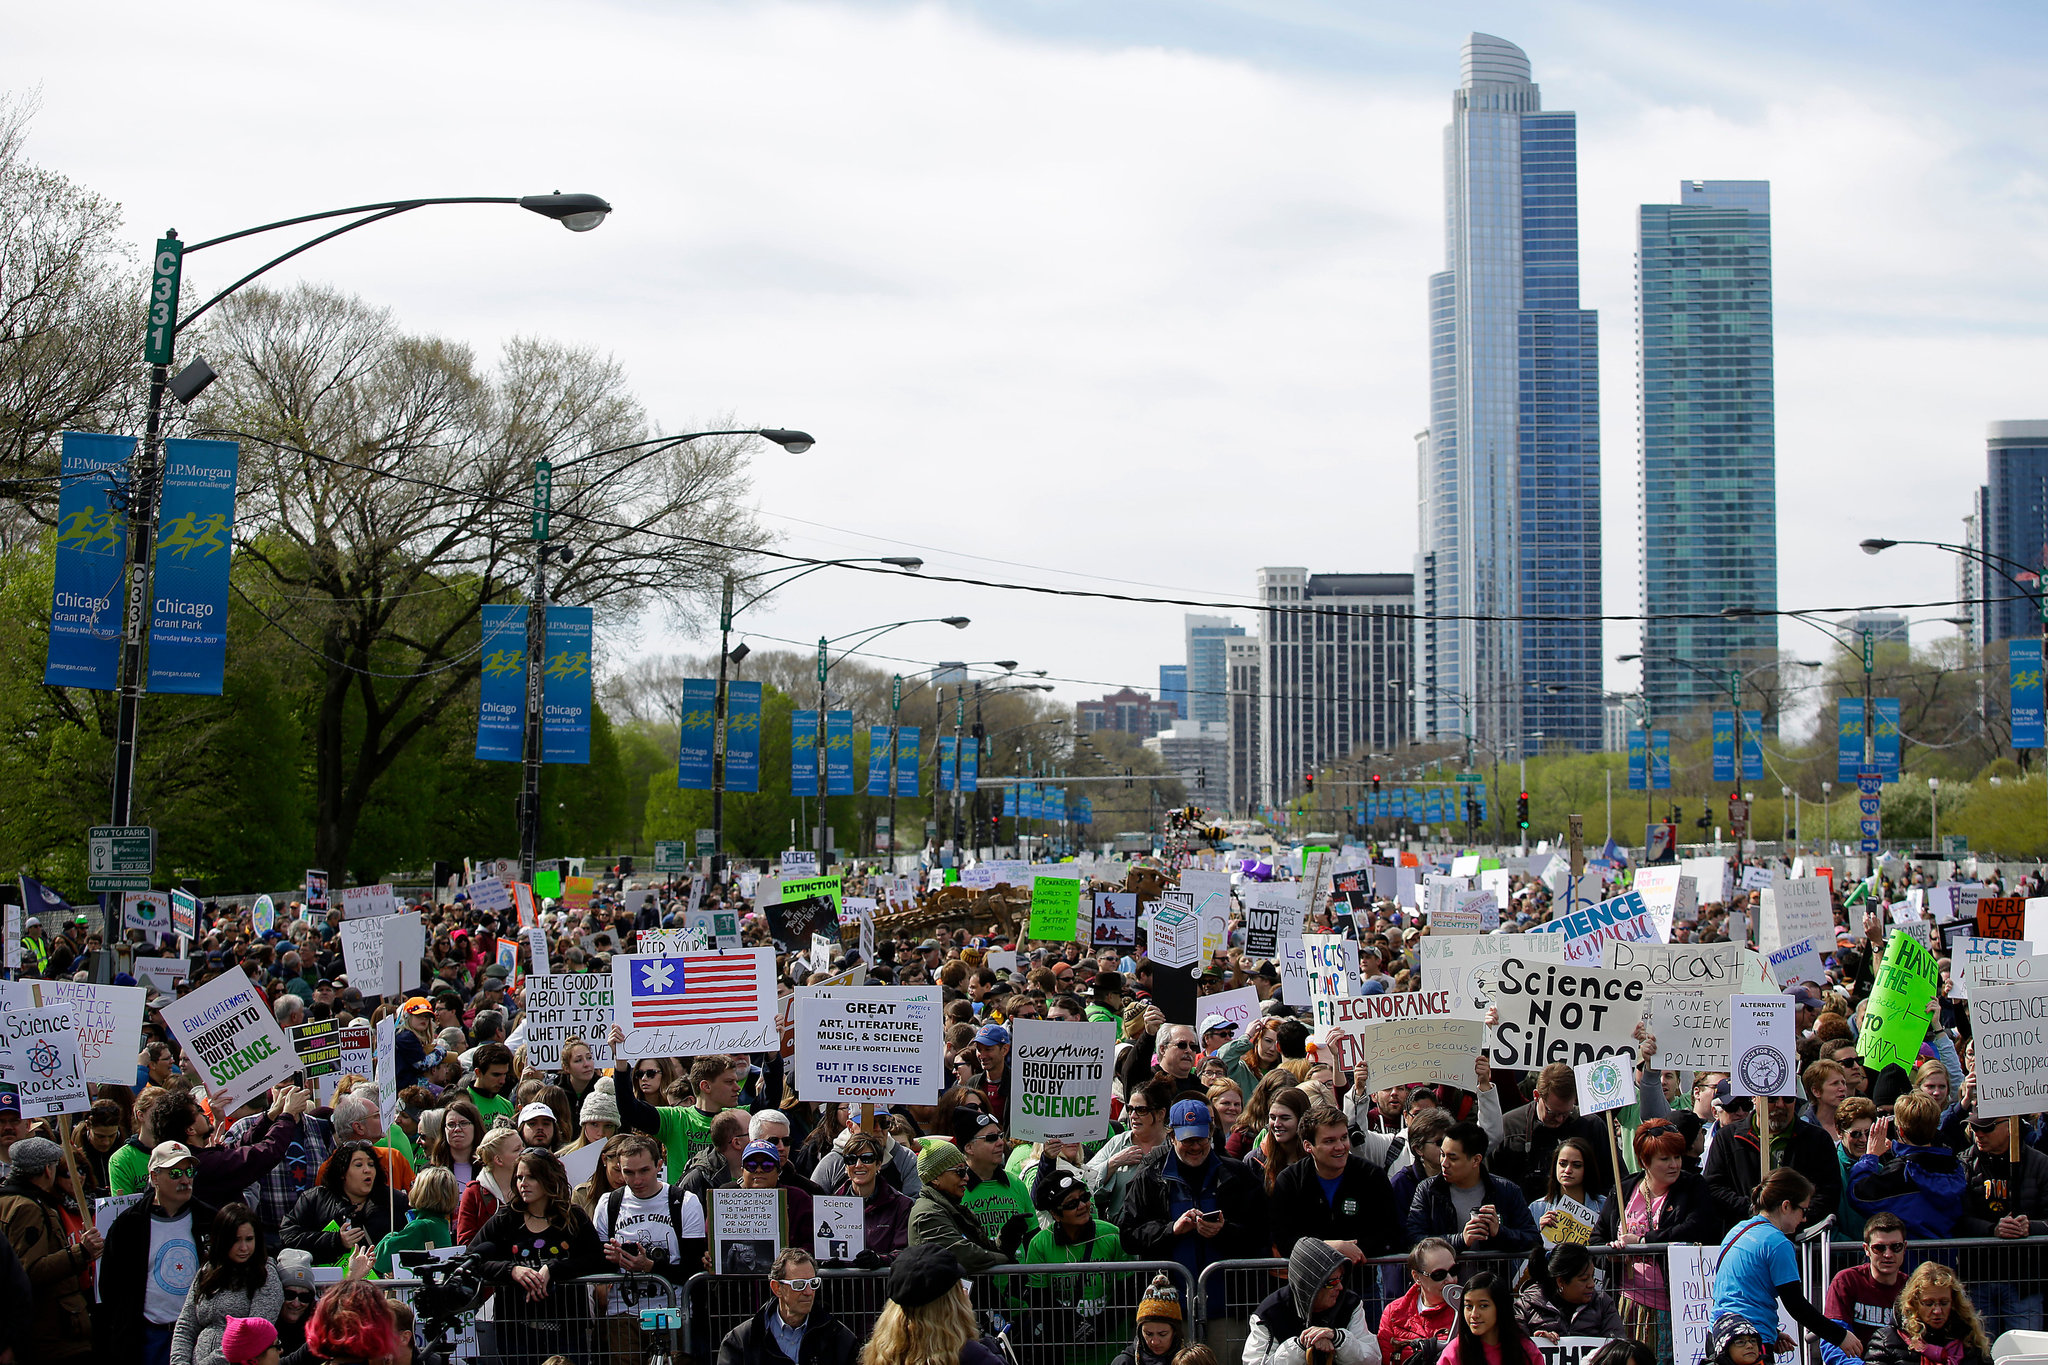 День Земли 2017 – Марш во имя Науки. Facepla.nnat последние новости экологии